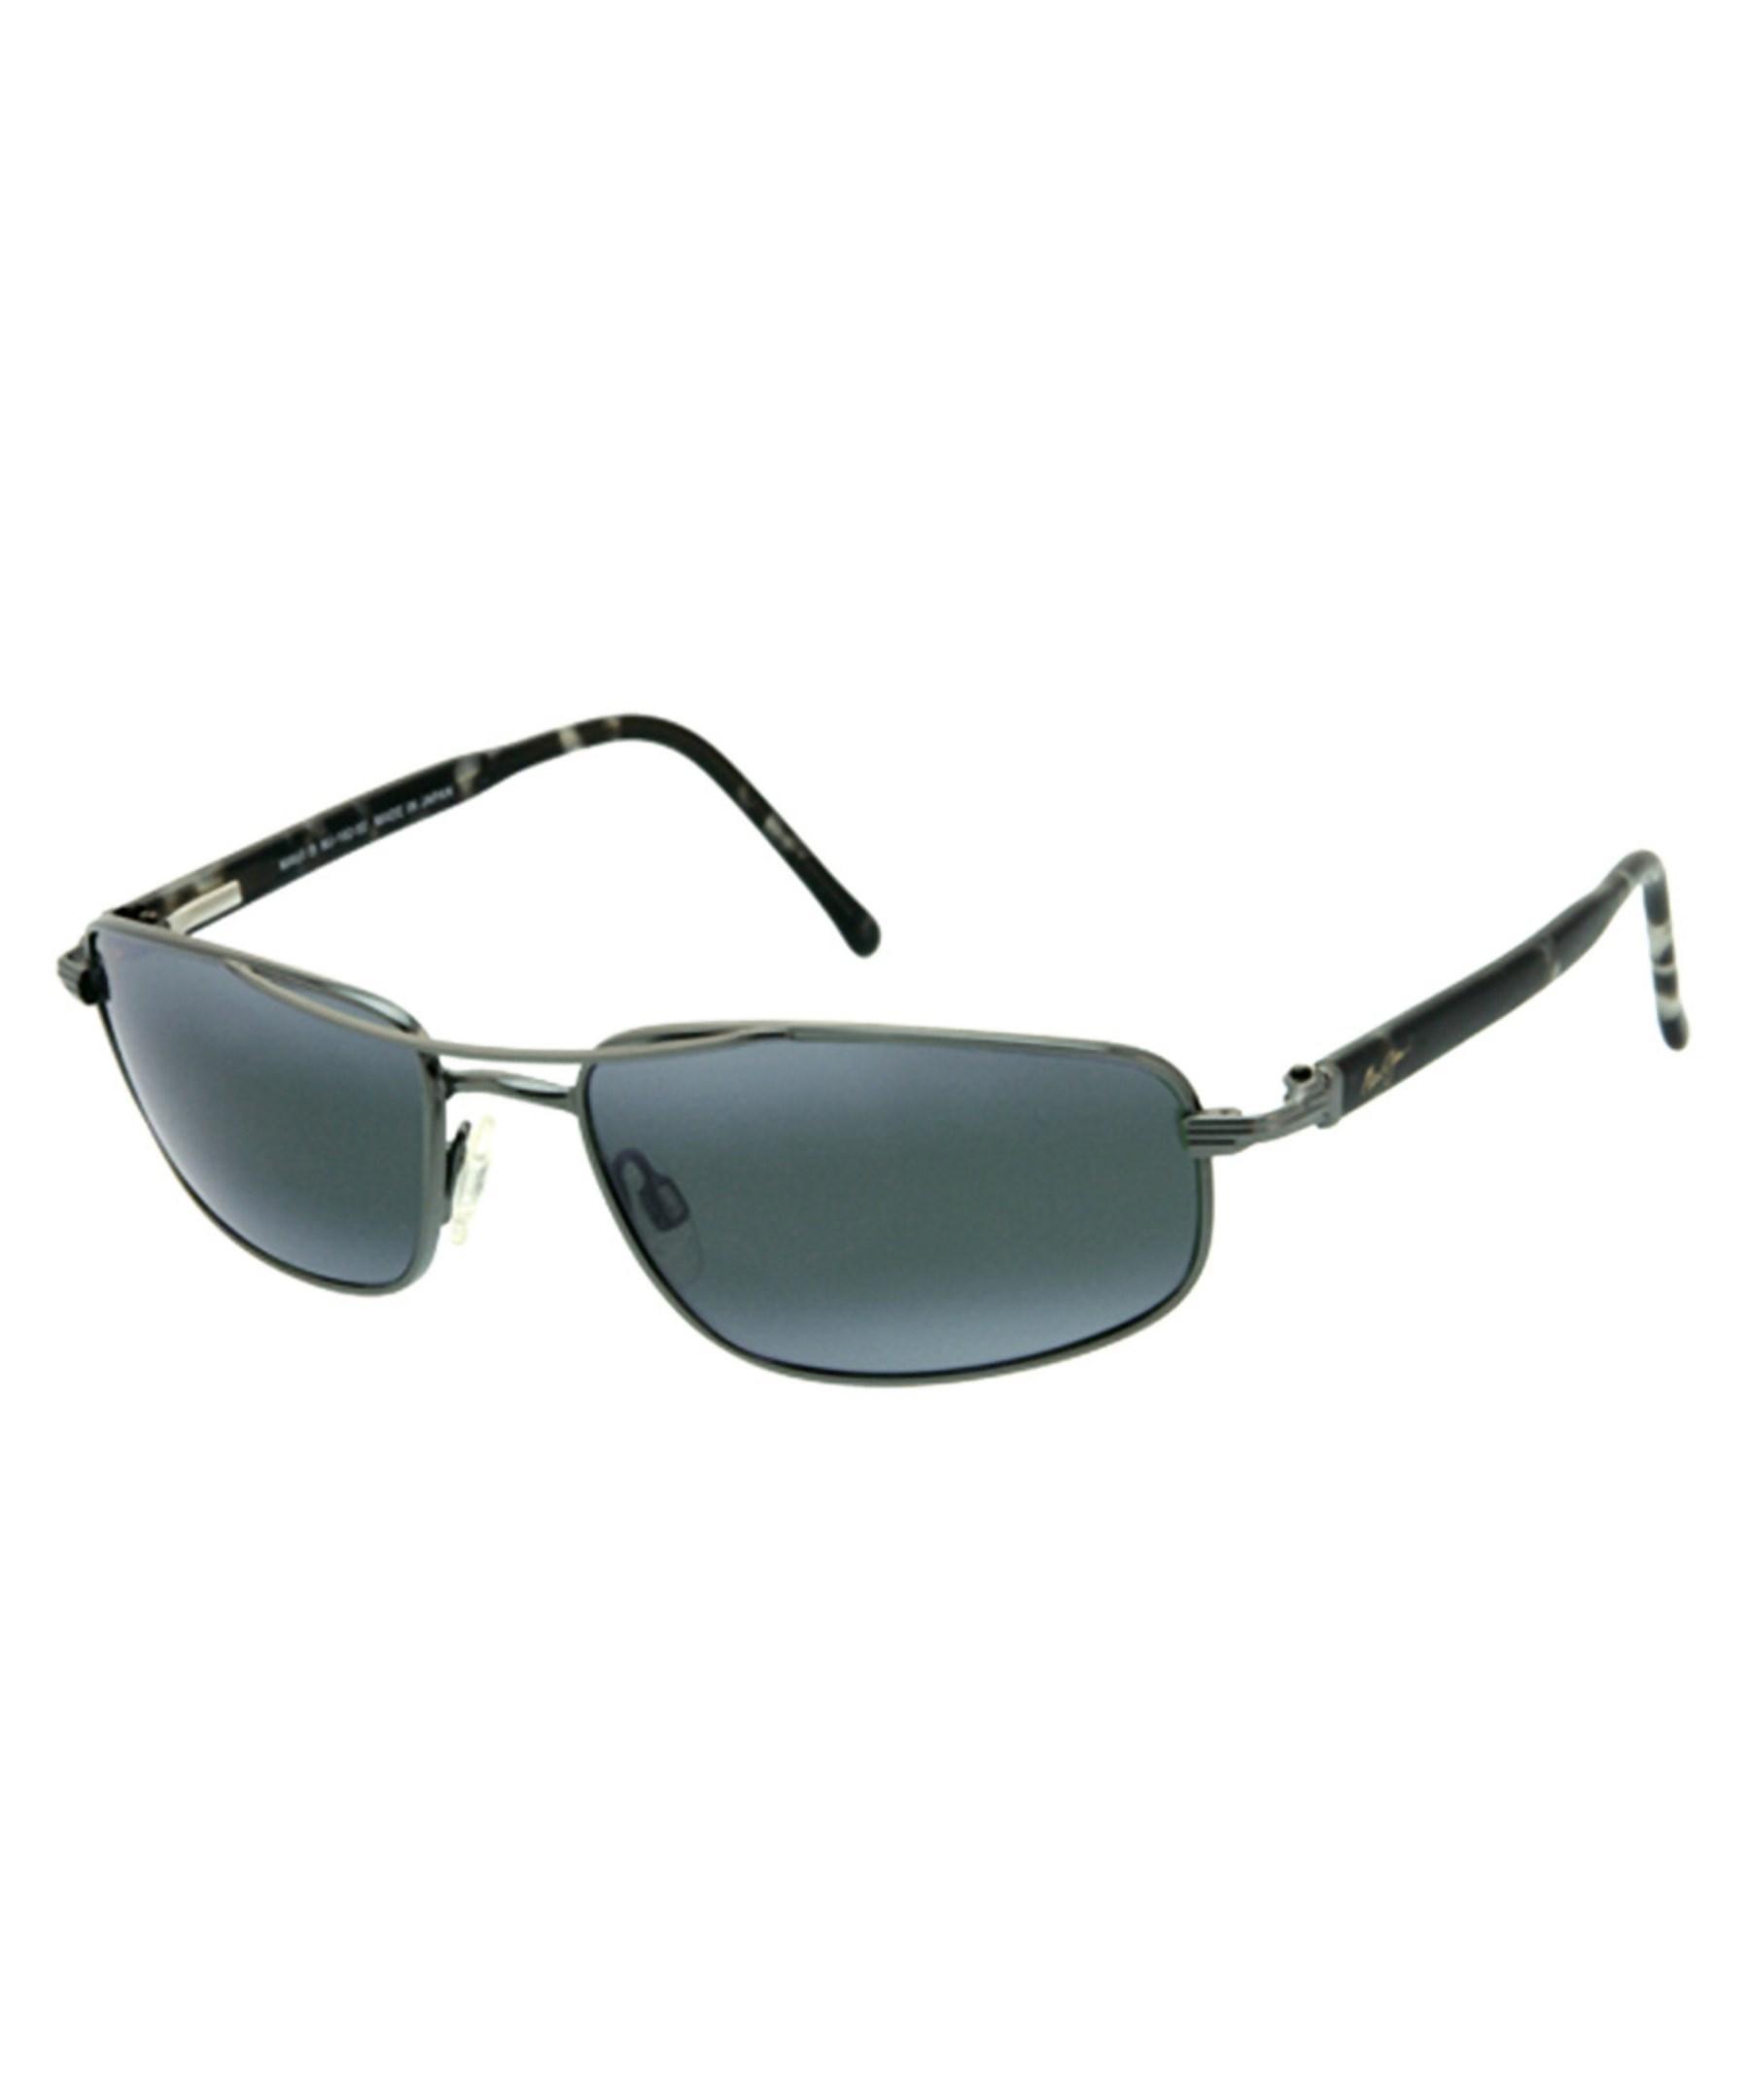 e04bb6fa4b Lyst - Maui Jim Unisex Kahuna Polarized Sunglasses in Blue